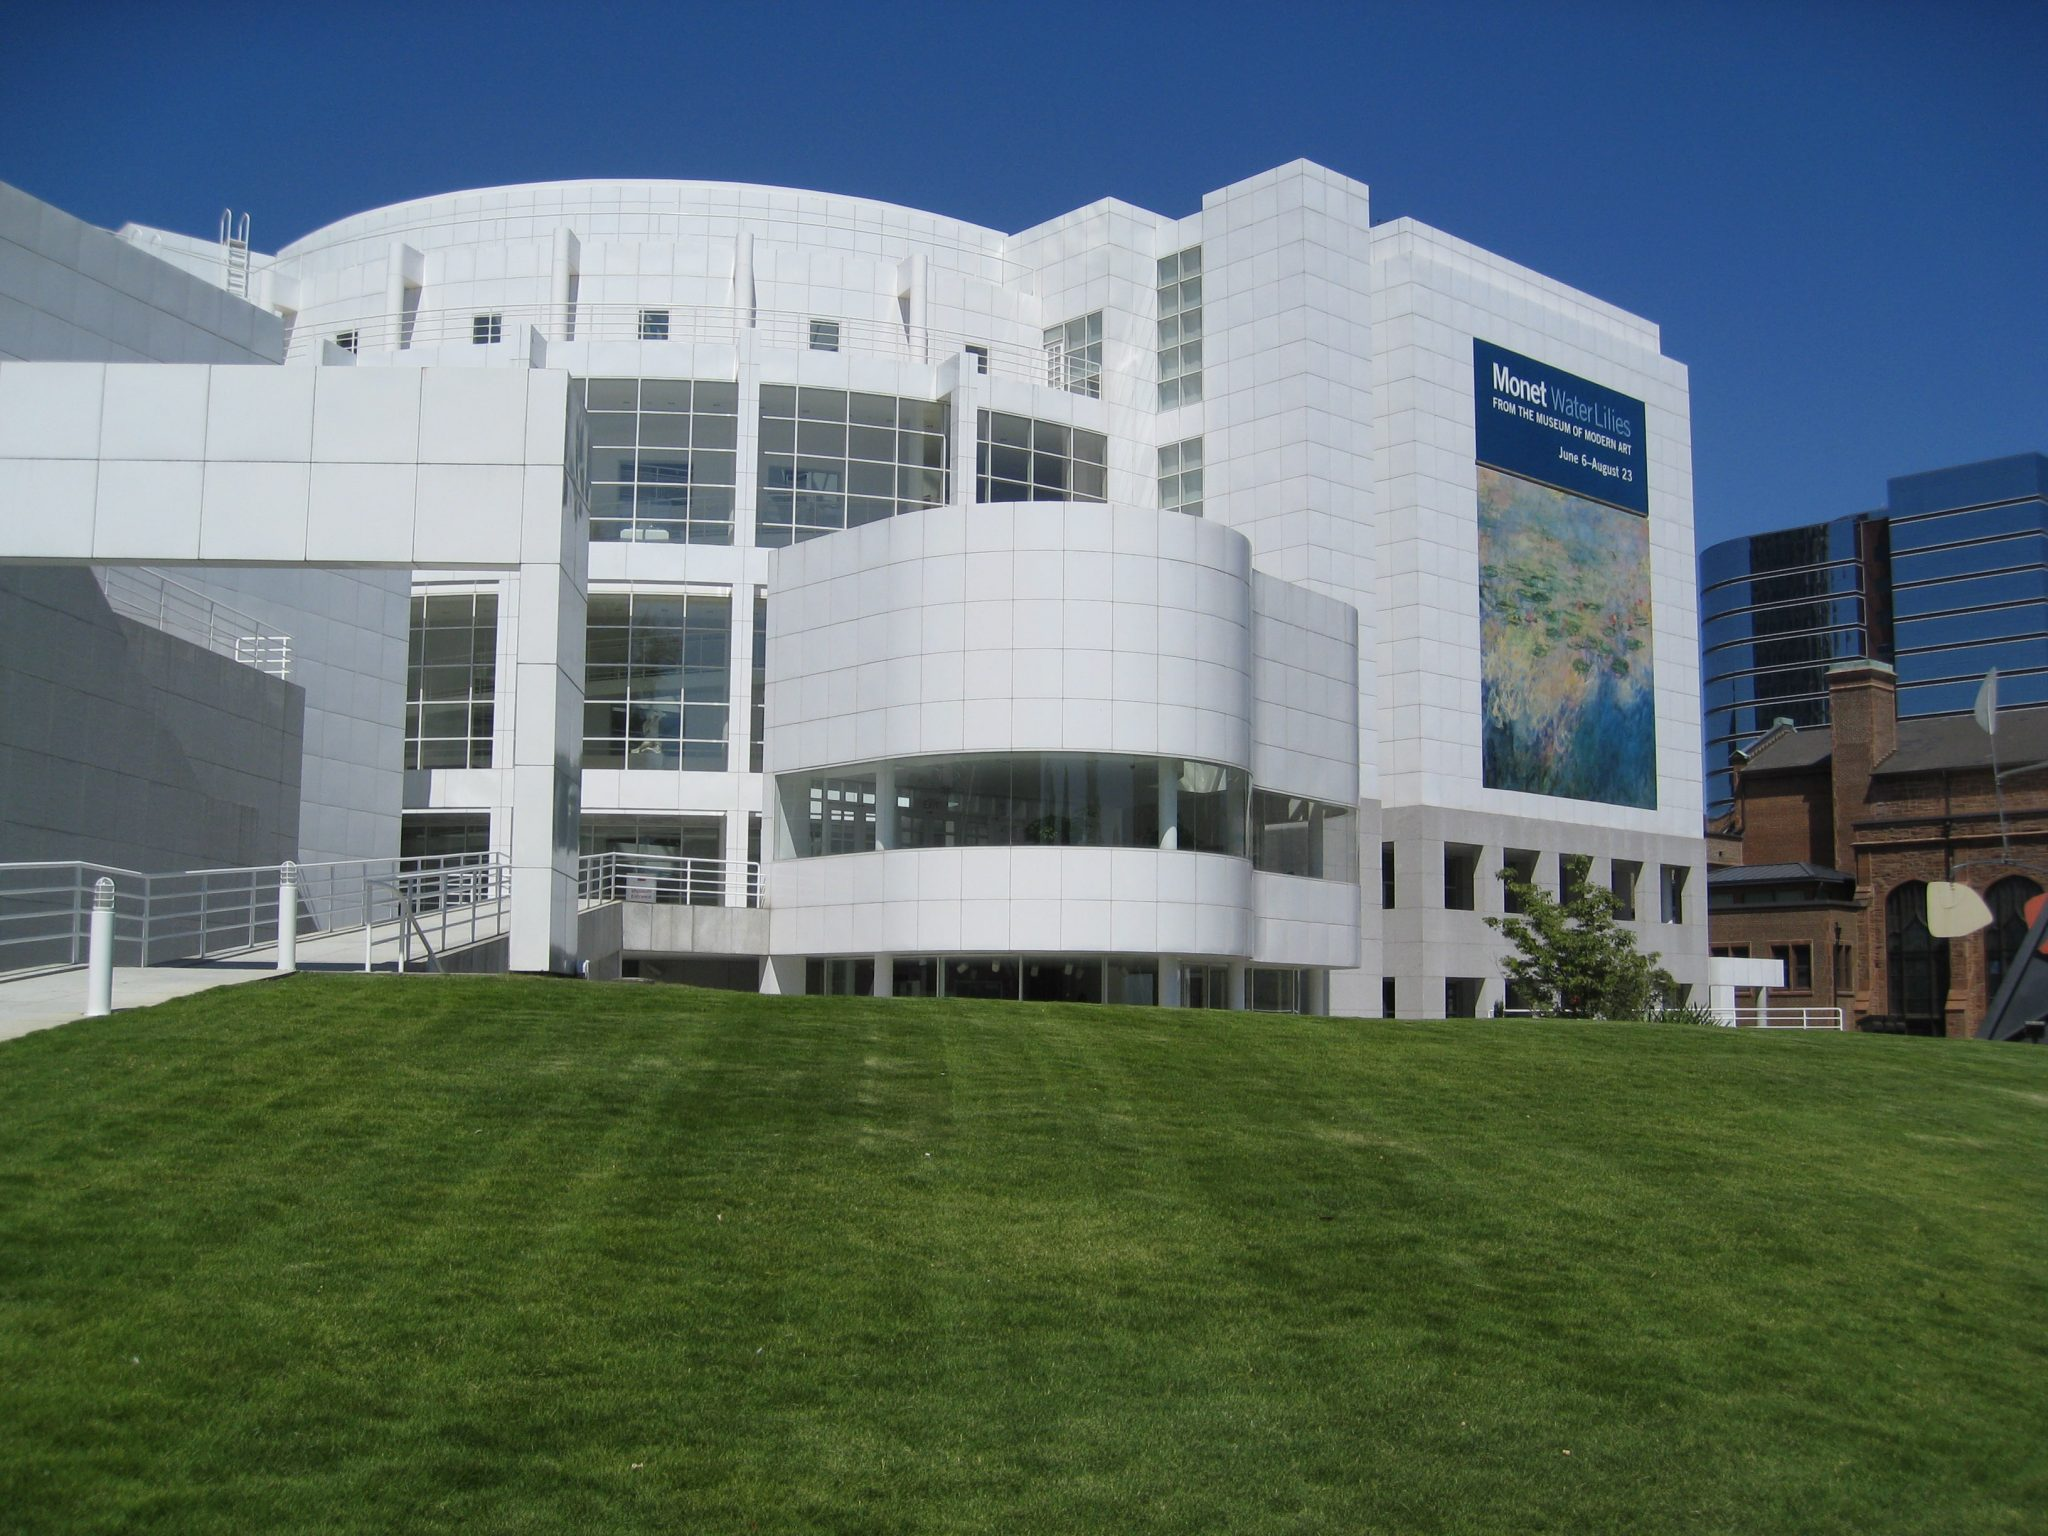 موزه هنر آتلانتا ریچارد میر